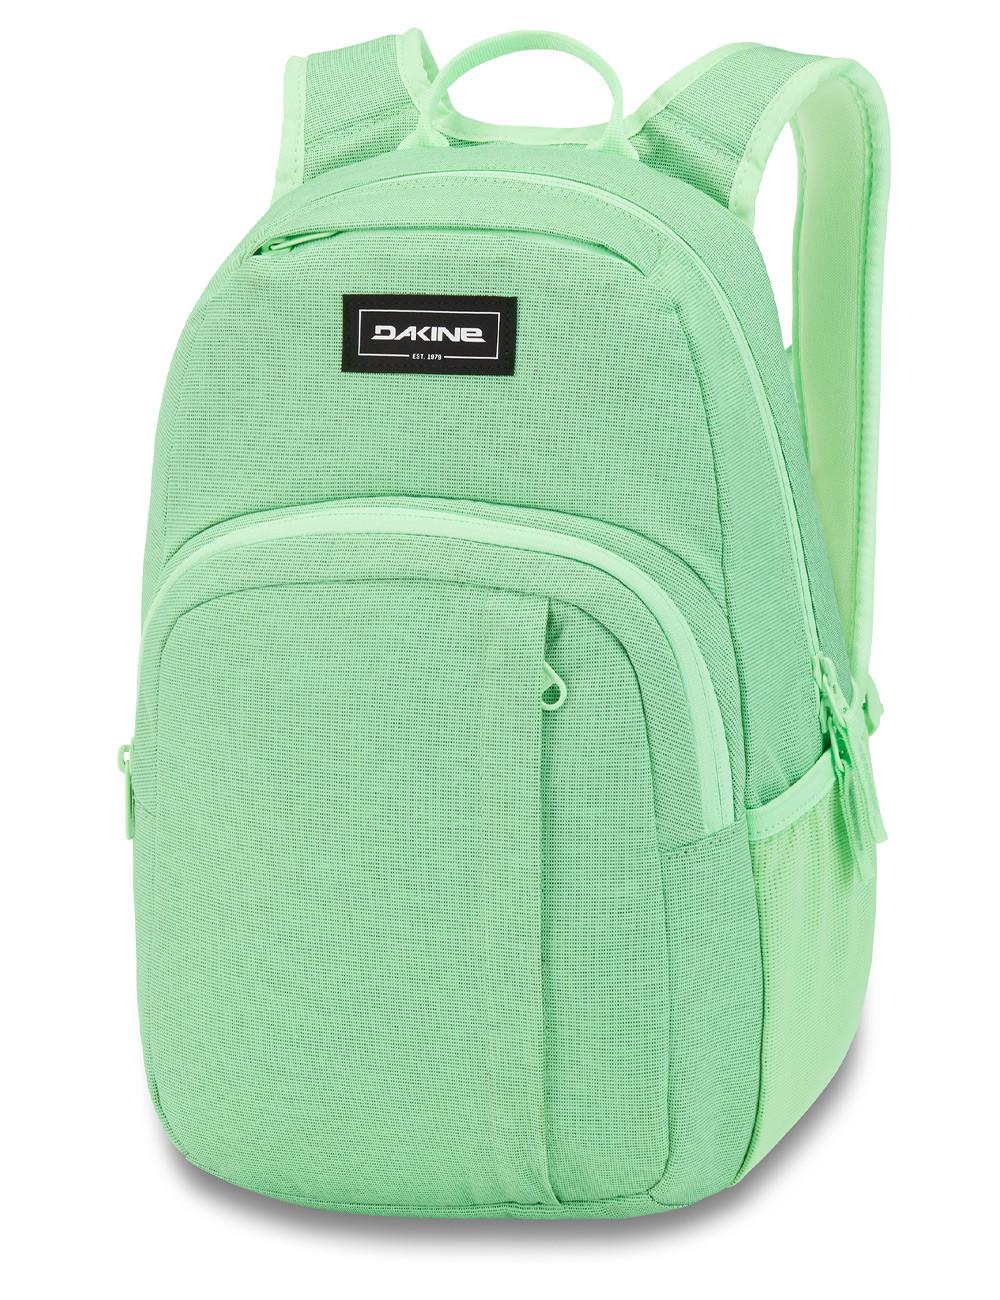 Plecak DAKINE CAMPUS S 18L dusty mint